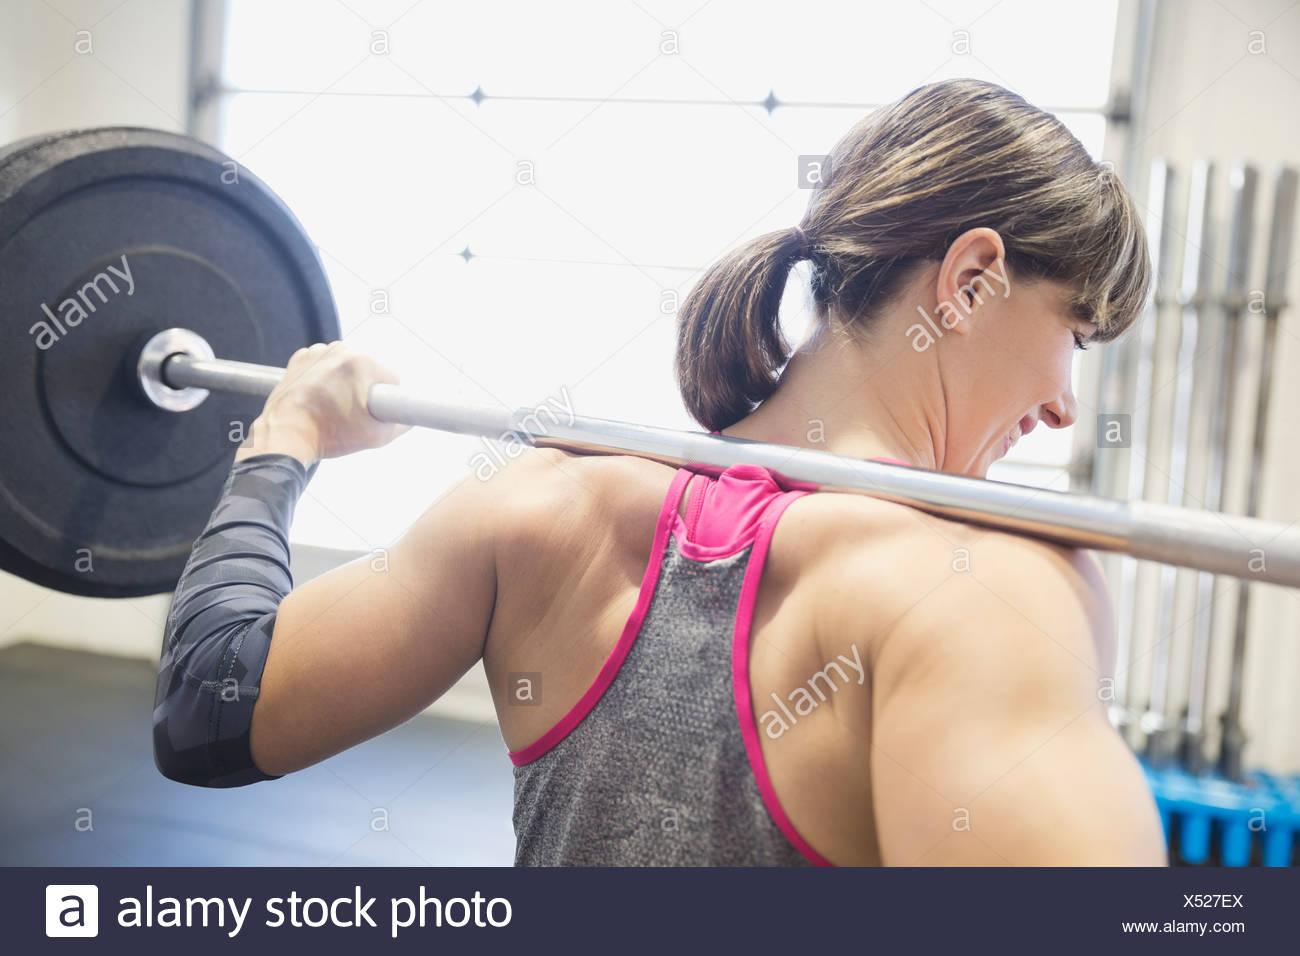 Femme debout avec haltère long sur les épaules Photo Stock